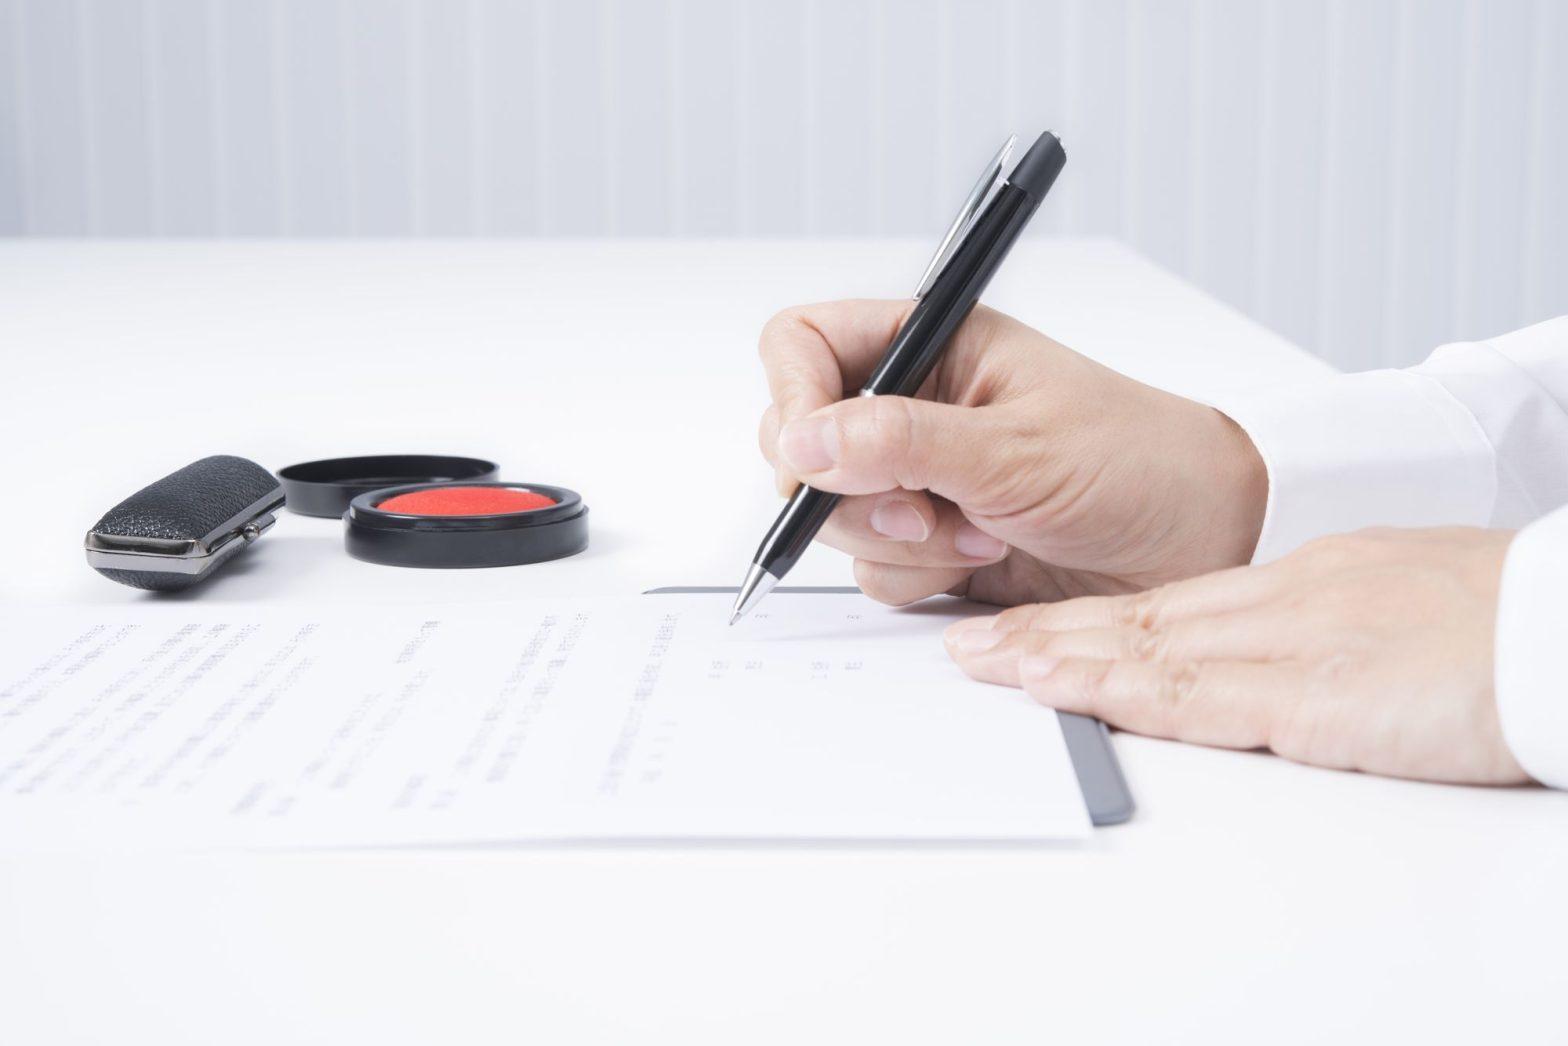 押印 こと が でき 署名 代え に する て ます 記名 「記名」と「署名」ってどうちがう? 法的効力も解説【ビジネス用語】